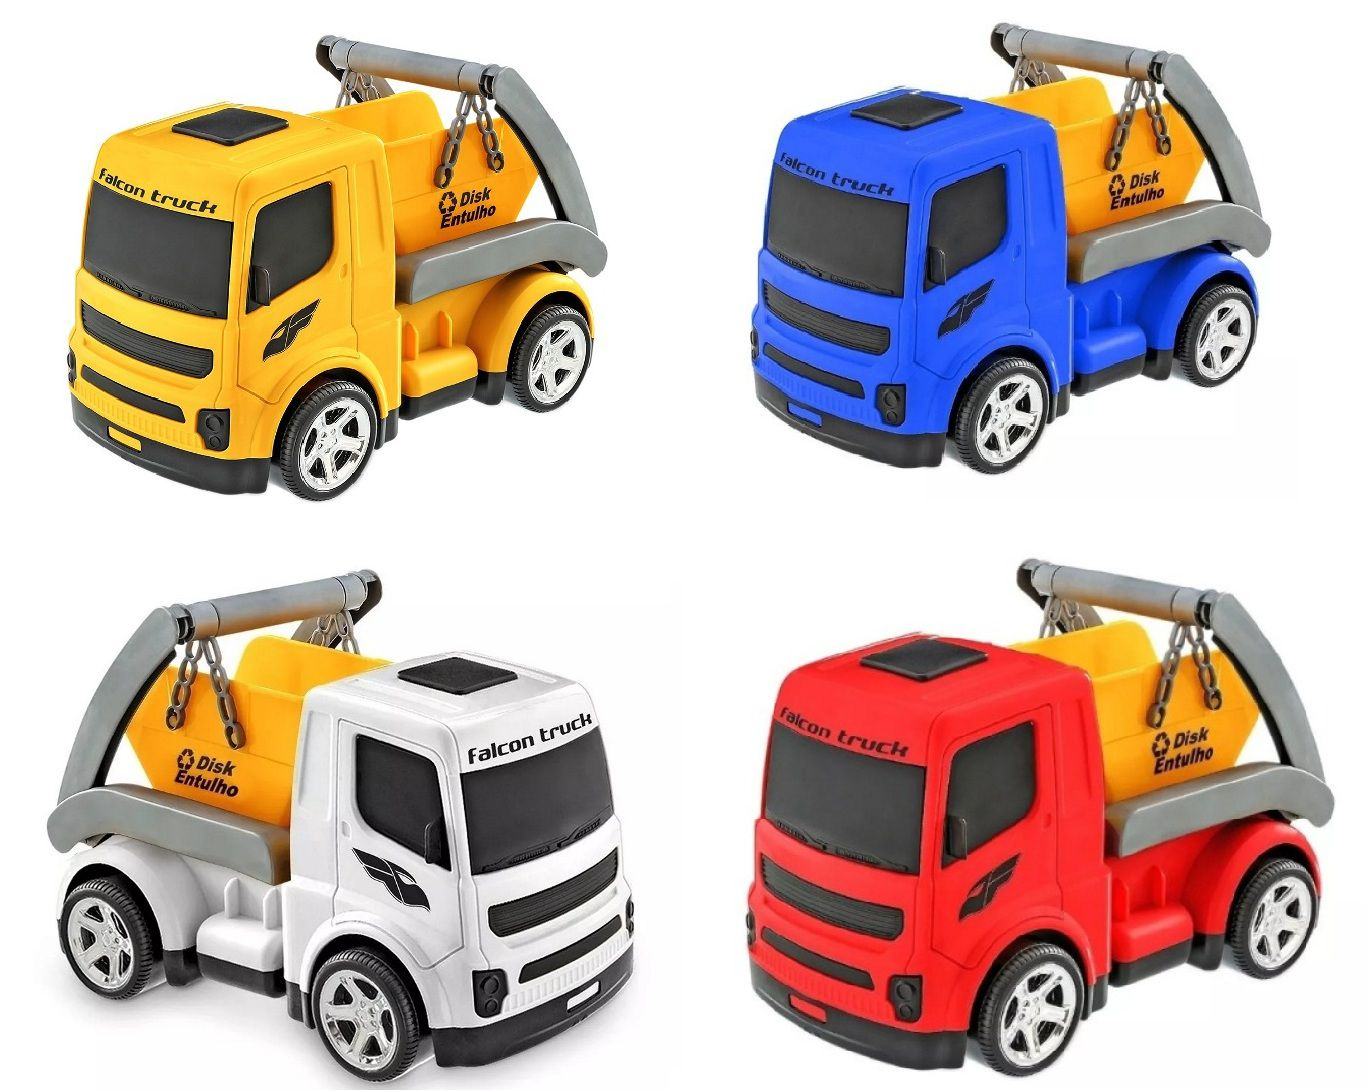 Caminhão Falcon Truck Entulho - Usual Brinquedos